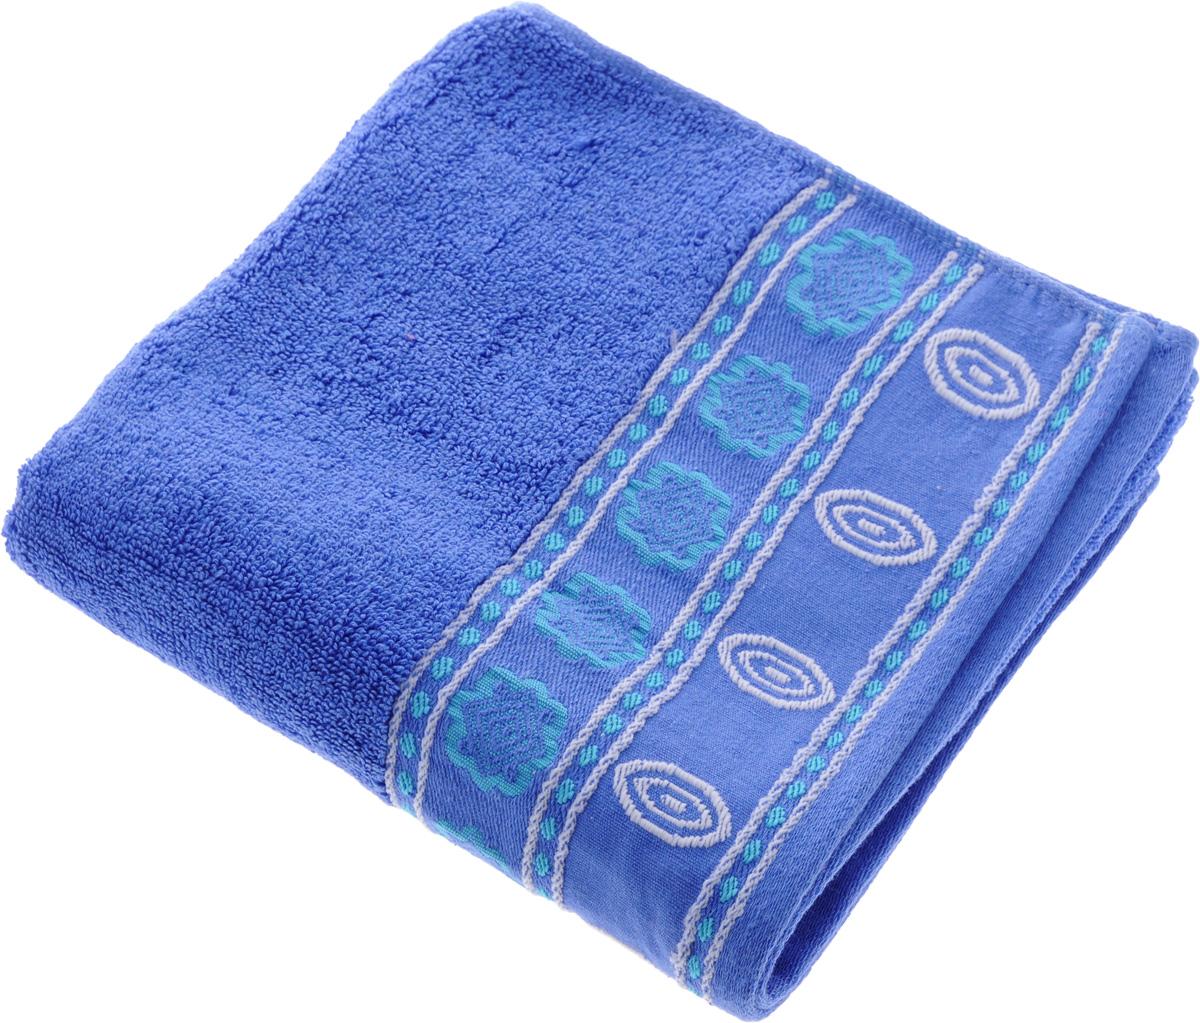 Полотенце Soavita Bruno, цвет: ярко-синий, 50 х 90 см1004900000360Полотенце Soavita Bruno выполнено из 100% хлопка. Изделие отлично впитывает влагу, быстро сохнет, сохраняет яркость цвета и не теряет форму даже после многократных стирок. Полотенце очень практично и неприхотливо в уходе. Оно создаст прекрасное настроение и украсит интерьер в ванной комнате.Рекомендуется стирка при температуре 40°C.